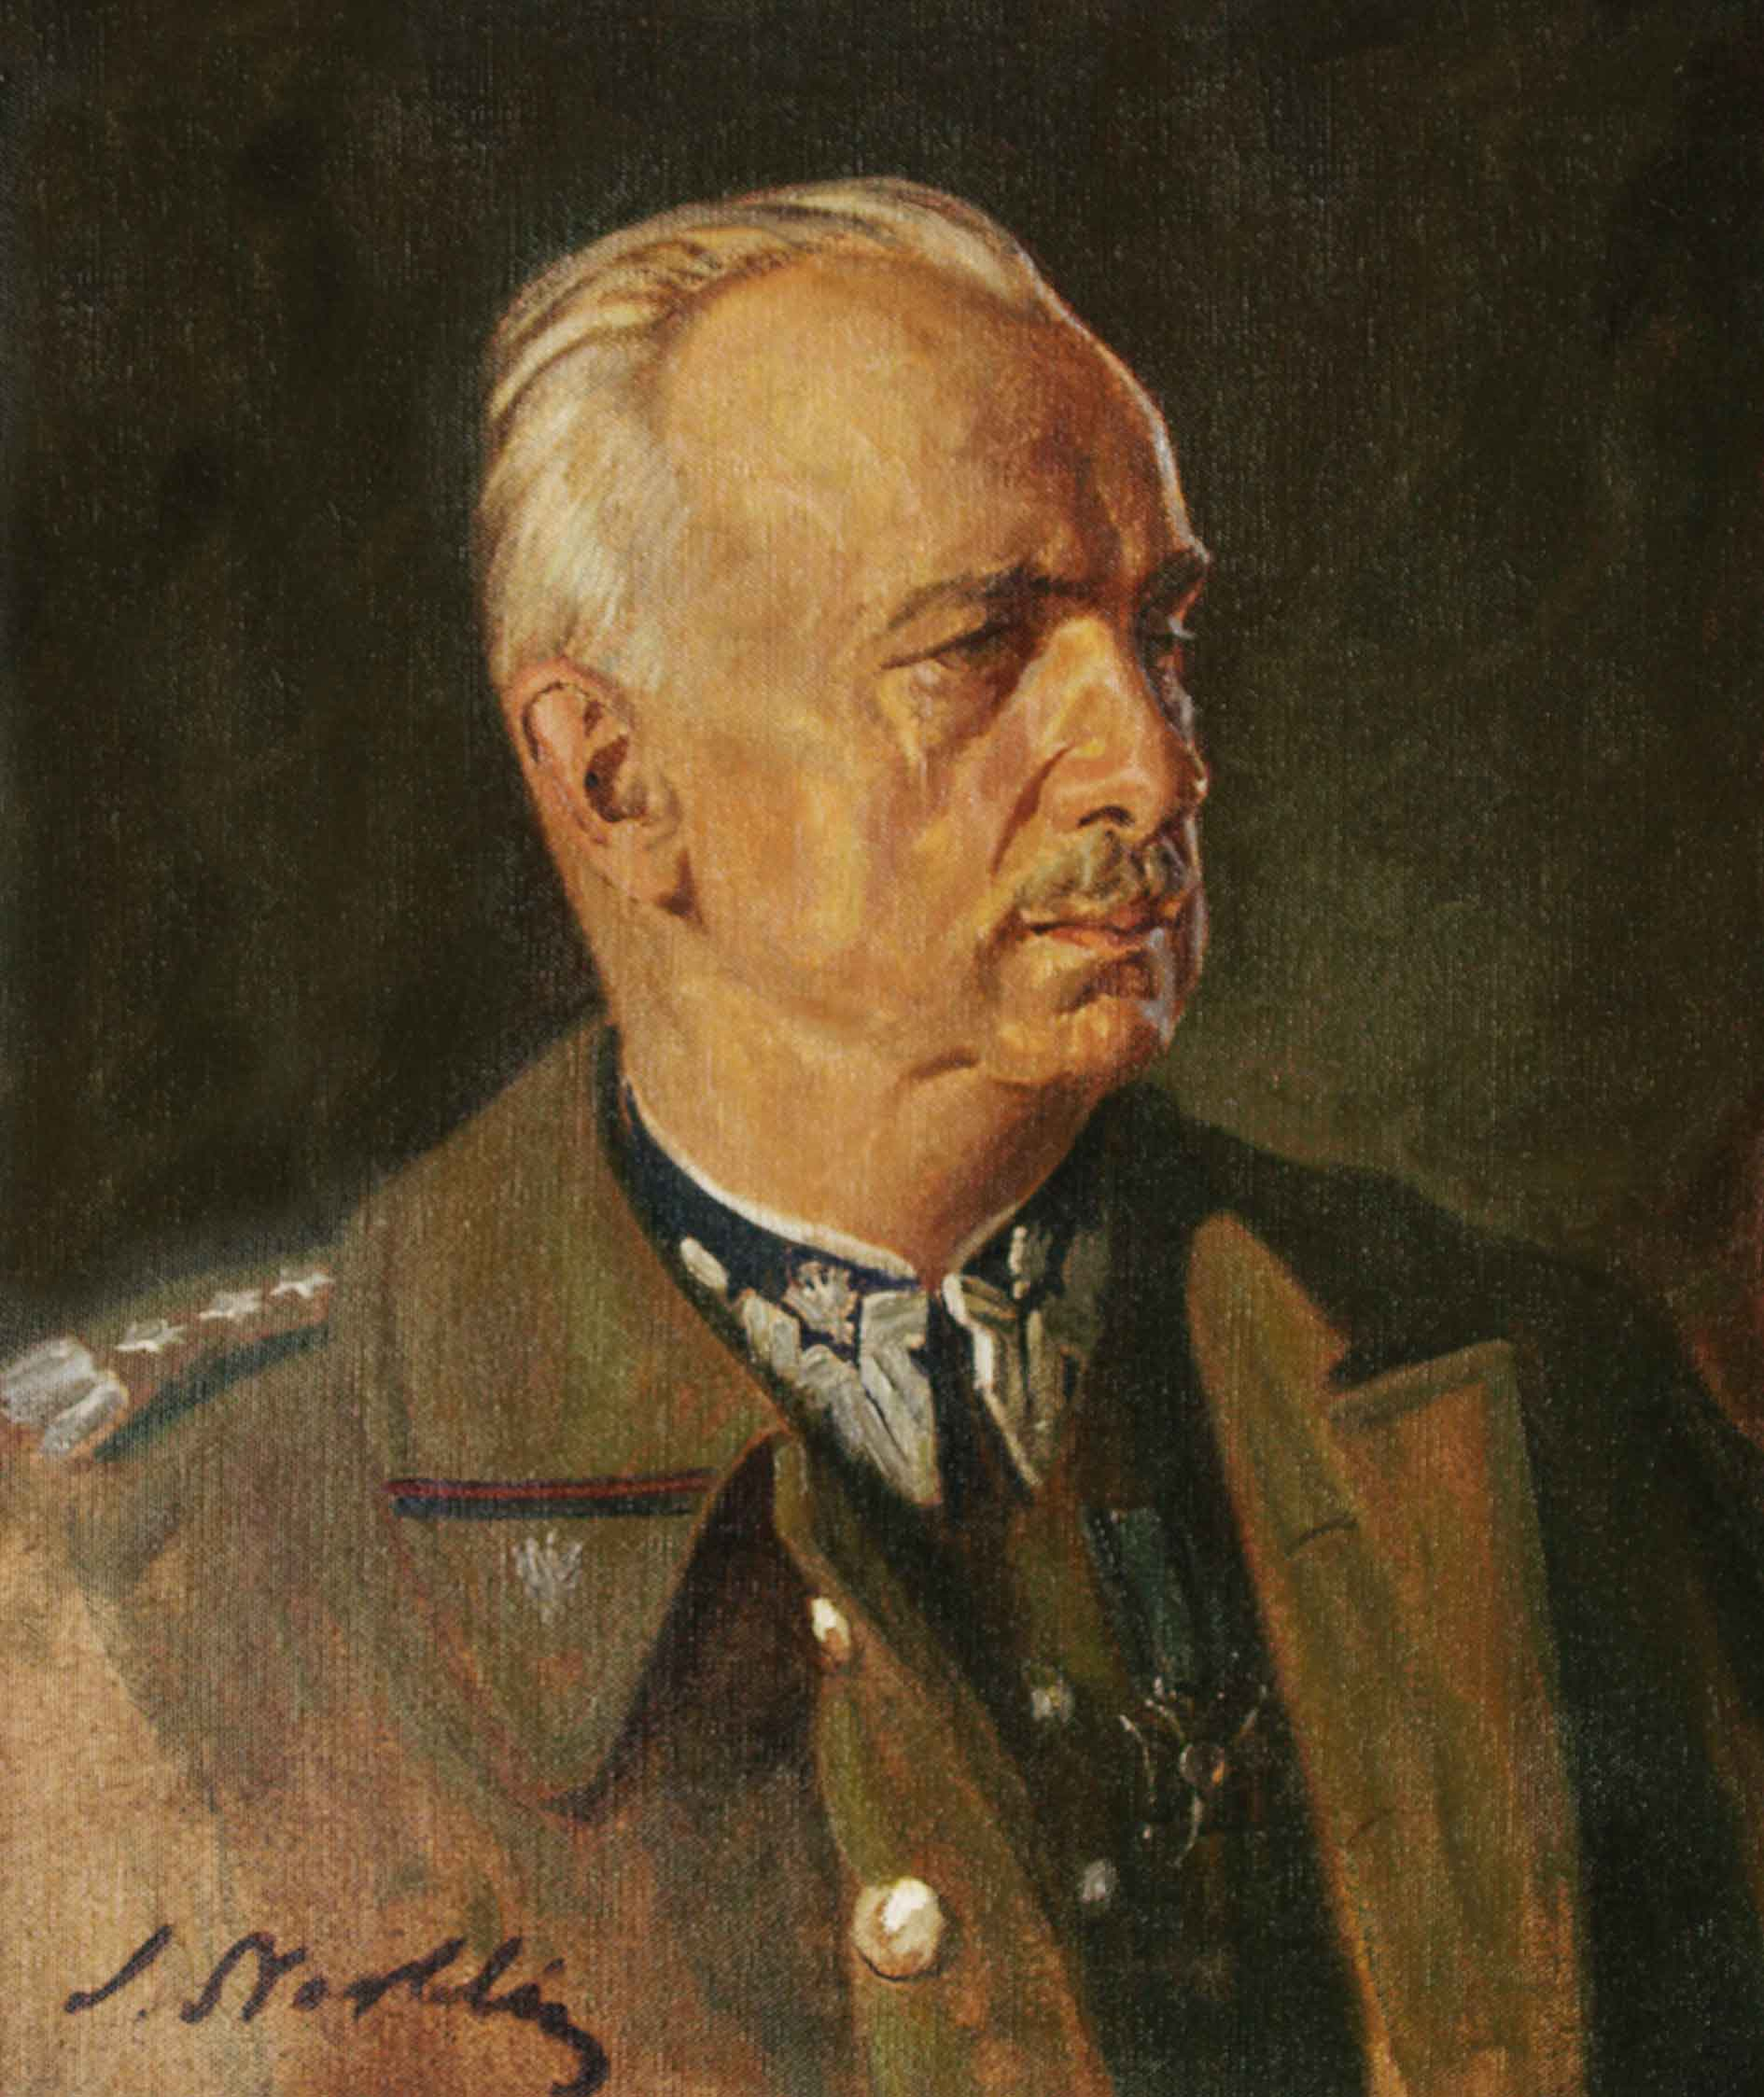 Portret genera�a broni Kazimierza Sosnkowskiego